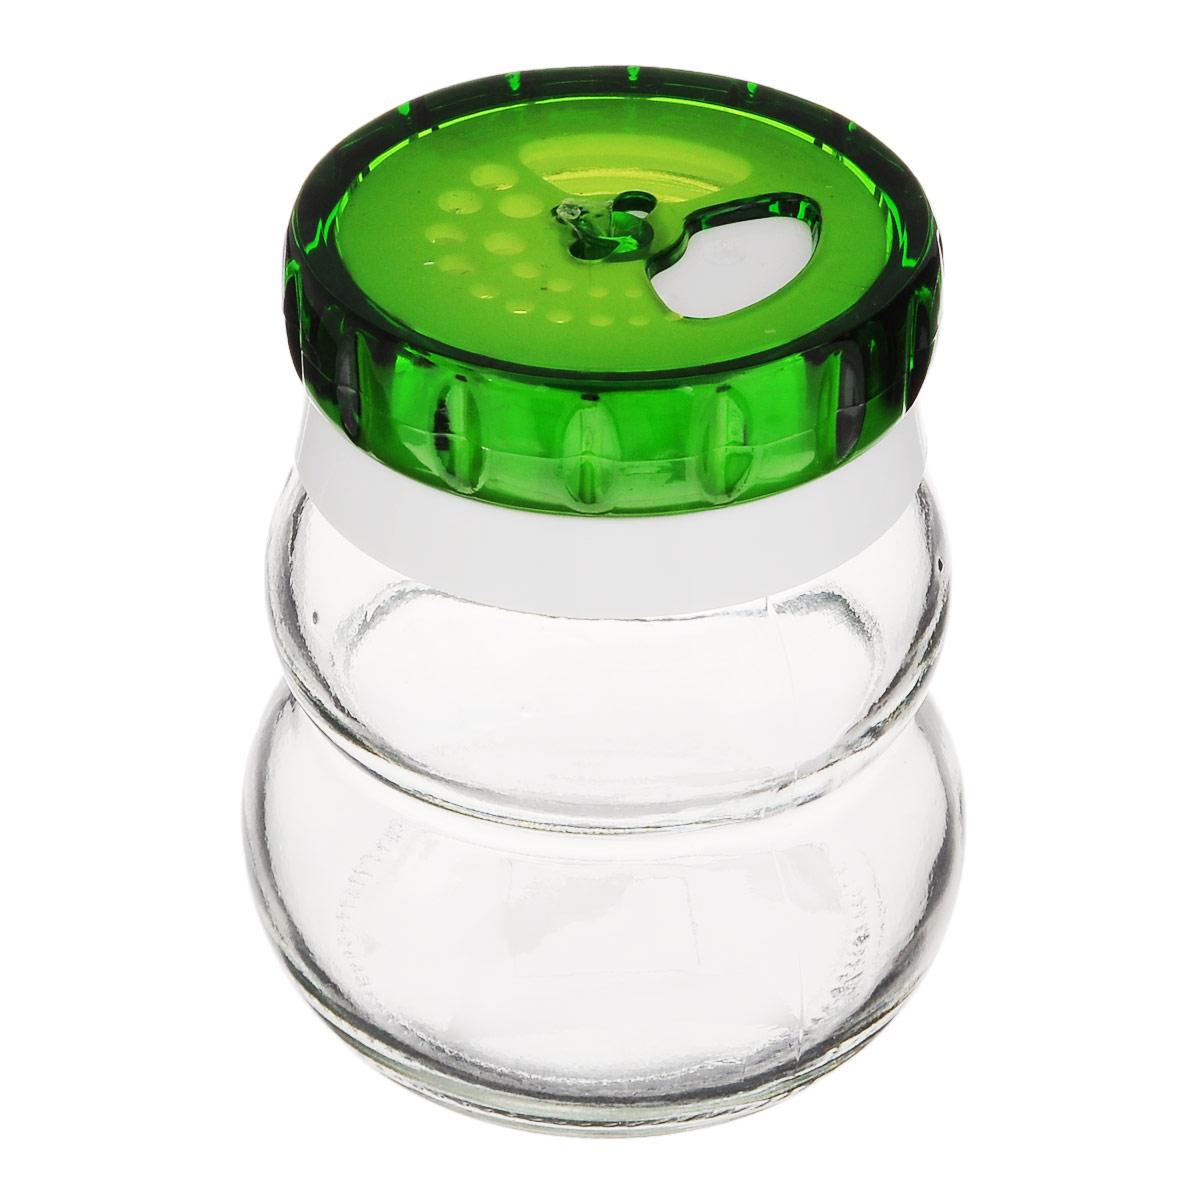 """Банка для специй """"Herevin"""" выполнена из прозрачного стекла и оснащена пластиковой цветной крышкой с отверстиями разного размера, благодаря которым, вы сможете приправить блюда, просто перевернув банку.  Крышка снабжена поворотным механизмом, благодаря которому вы сможете регулировать степень подачи специй. Крышка легко откручивается, благодаря чему засыпать приправу внутрь очень просто.  Такая баночка станет достойным дополнением к вашему кухонному инвентарю.   Можно мыть в посудомоечной машине. Диаметр (по верхнему краю): 4 см. Высота банки (без учета крышки): 7,5 см."""